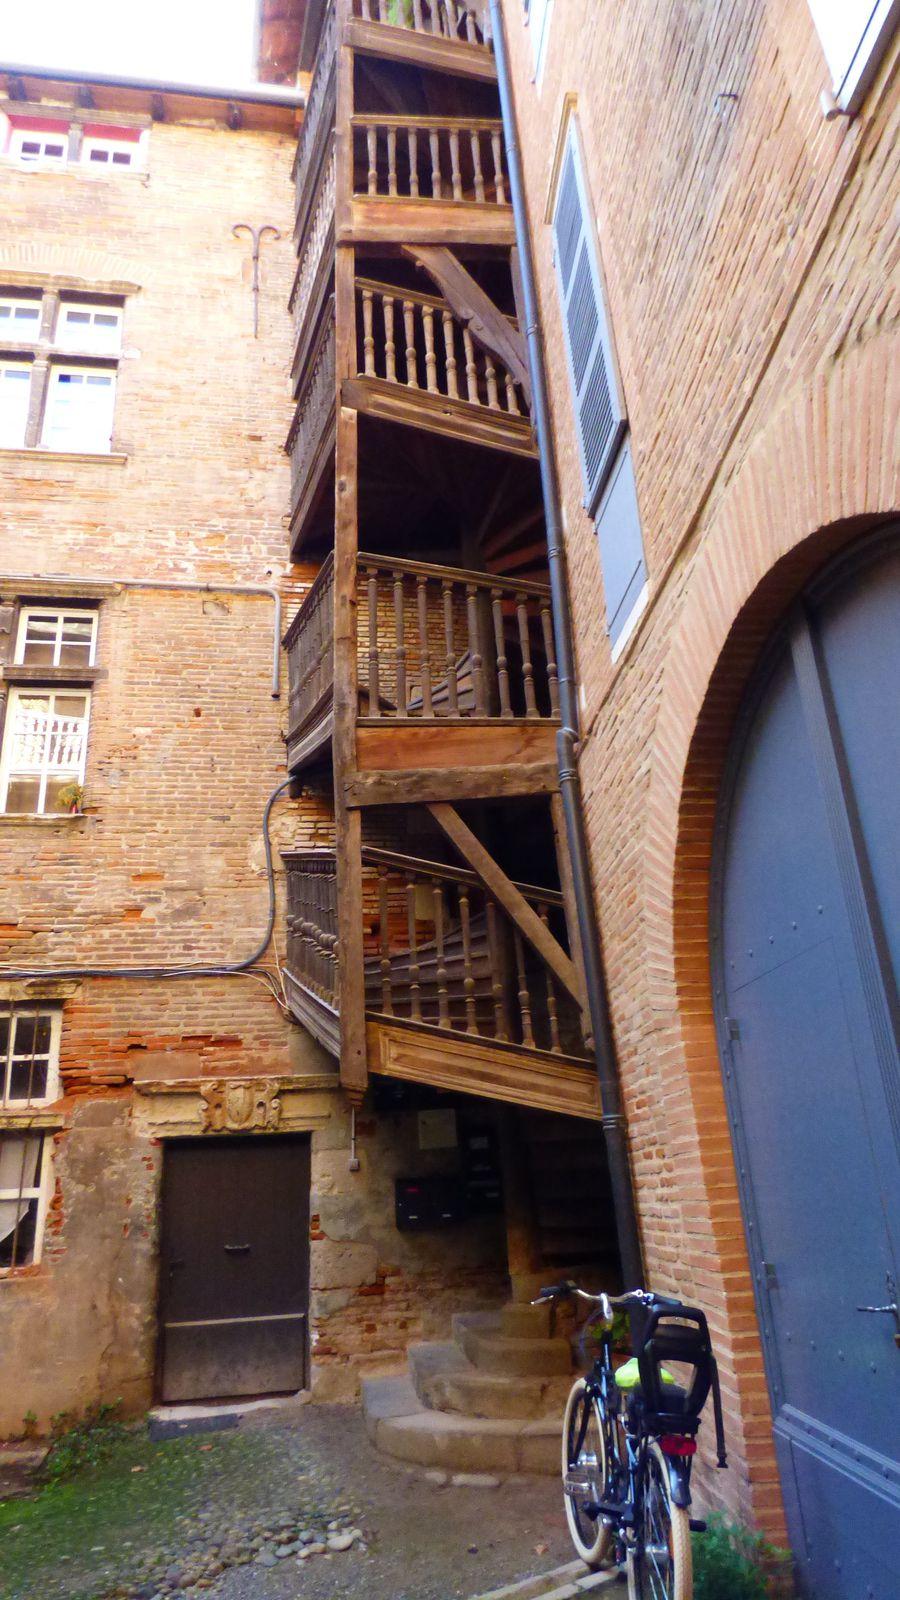 L'Hôtel D'Astorg et Saint Germain à Toulouse/ Haute-Garonne.